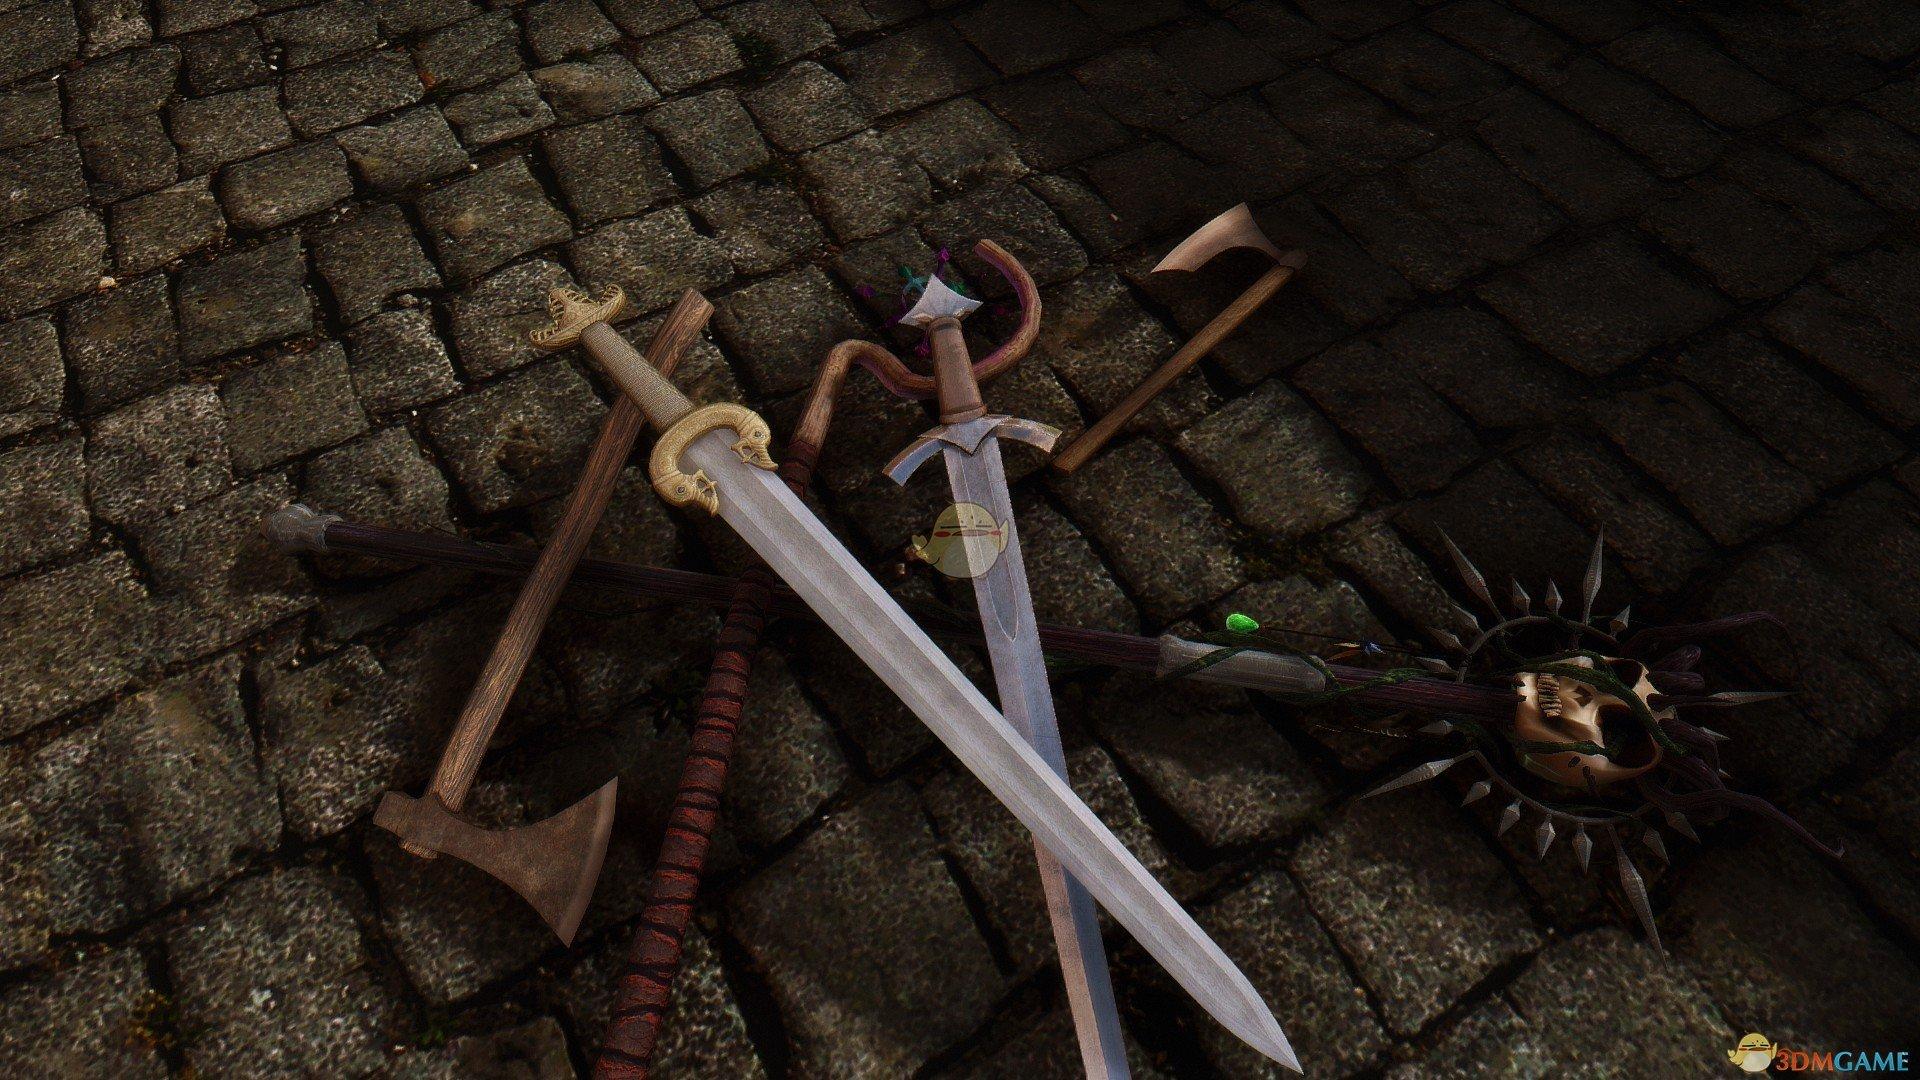 《上古卷轴5:天际》替换原版武器MOD